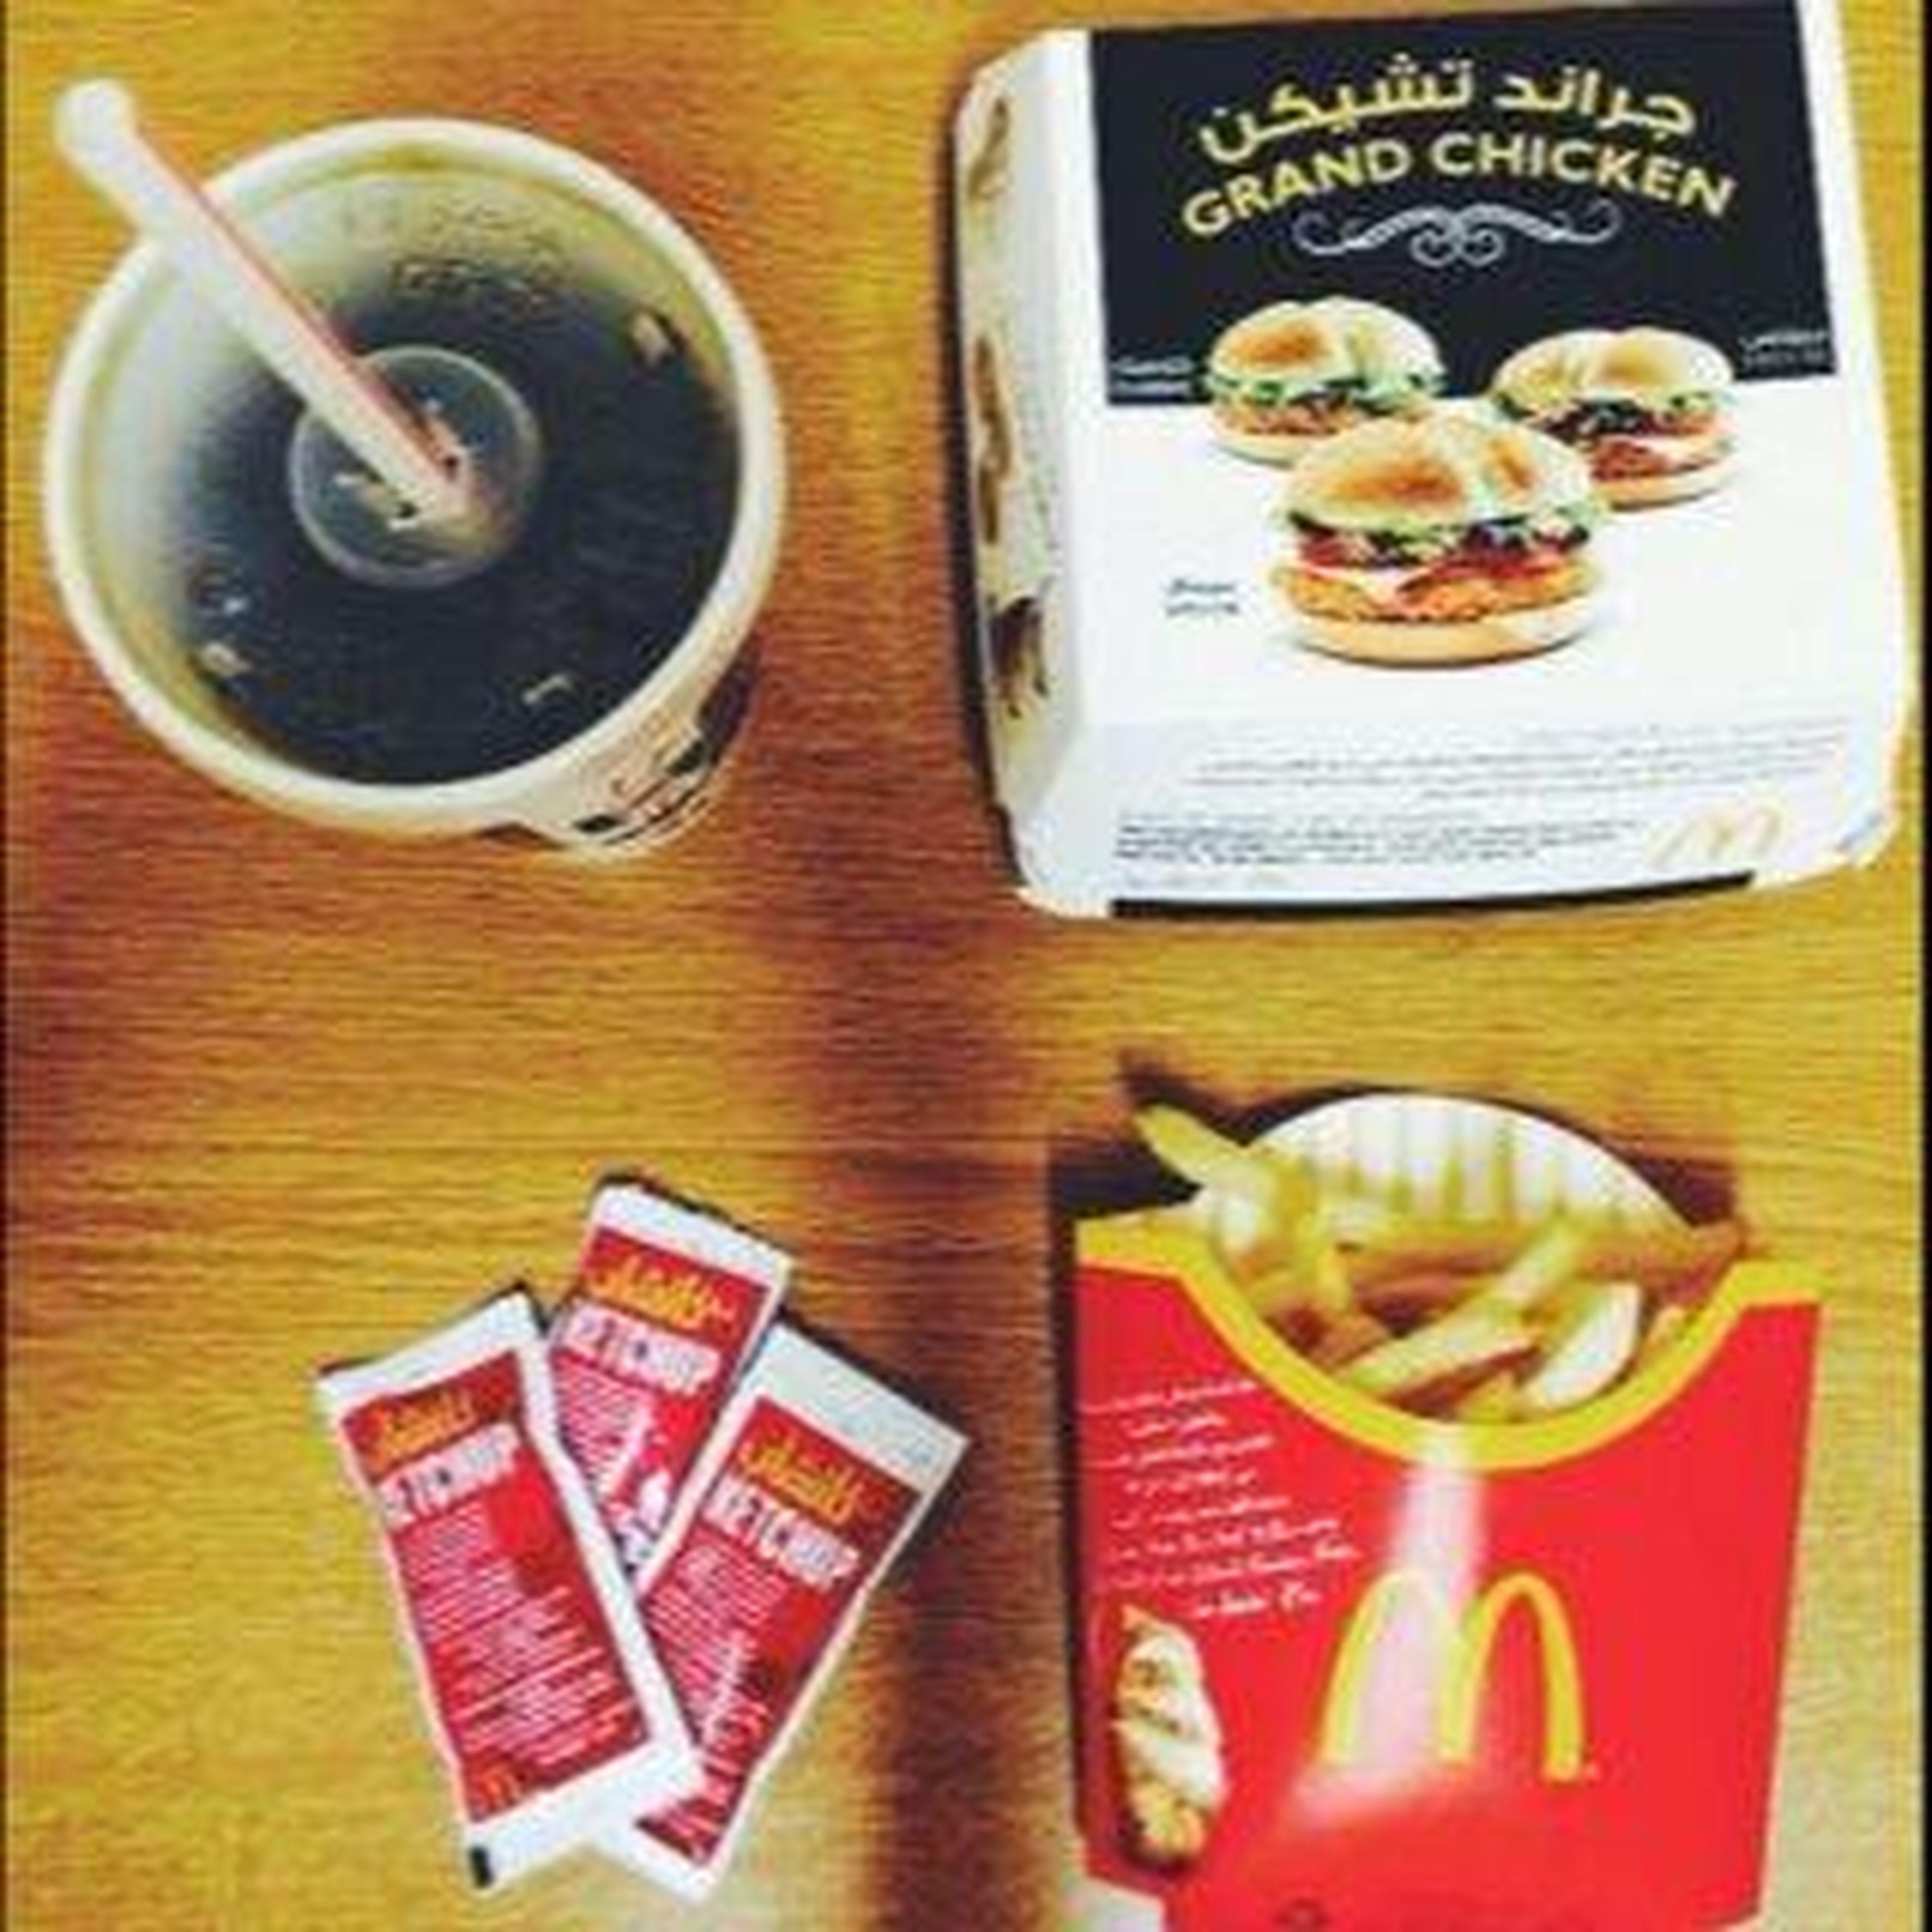 ماكدونالدز جراند تشيكن